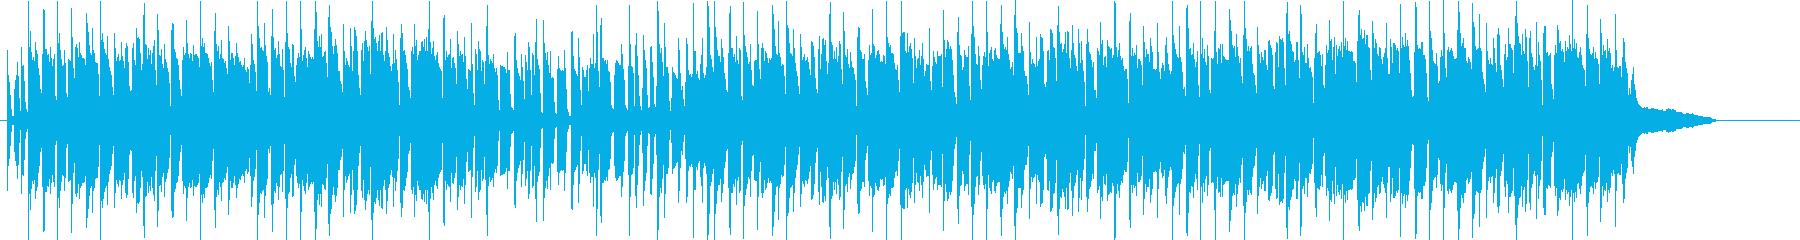 バンジョー・フィドルの楽しく明るい曲の再生済みの波形